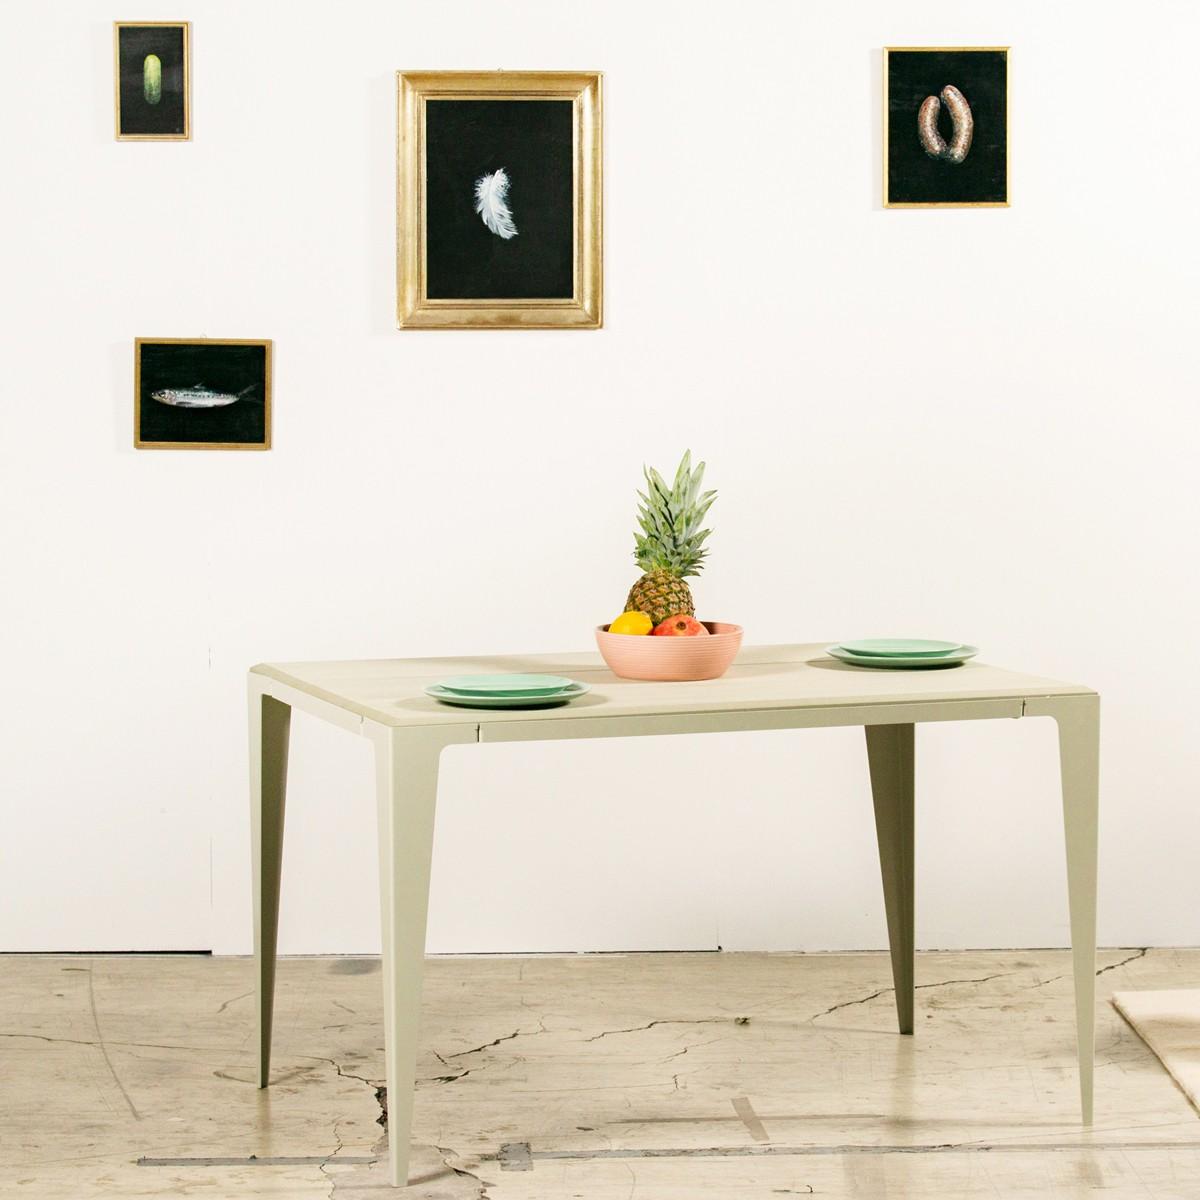 TISCH 120 |CHAMFER| nachhaltiges Möbeldesign | WYE